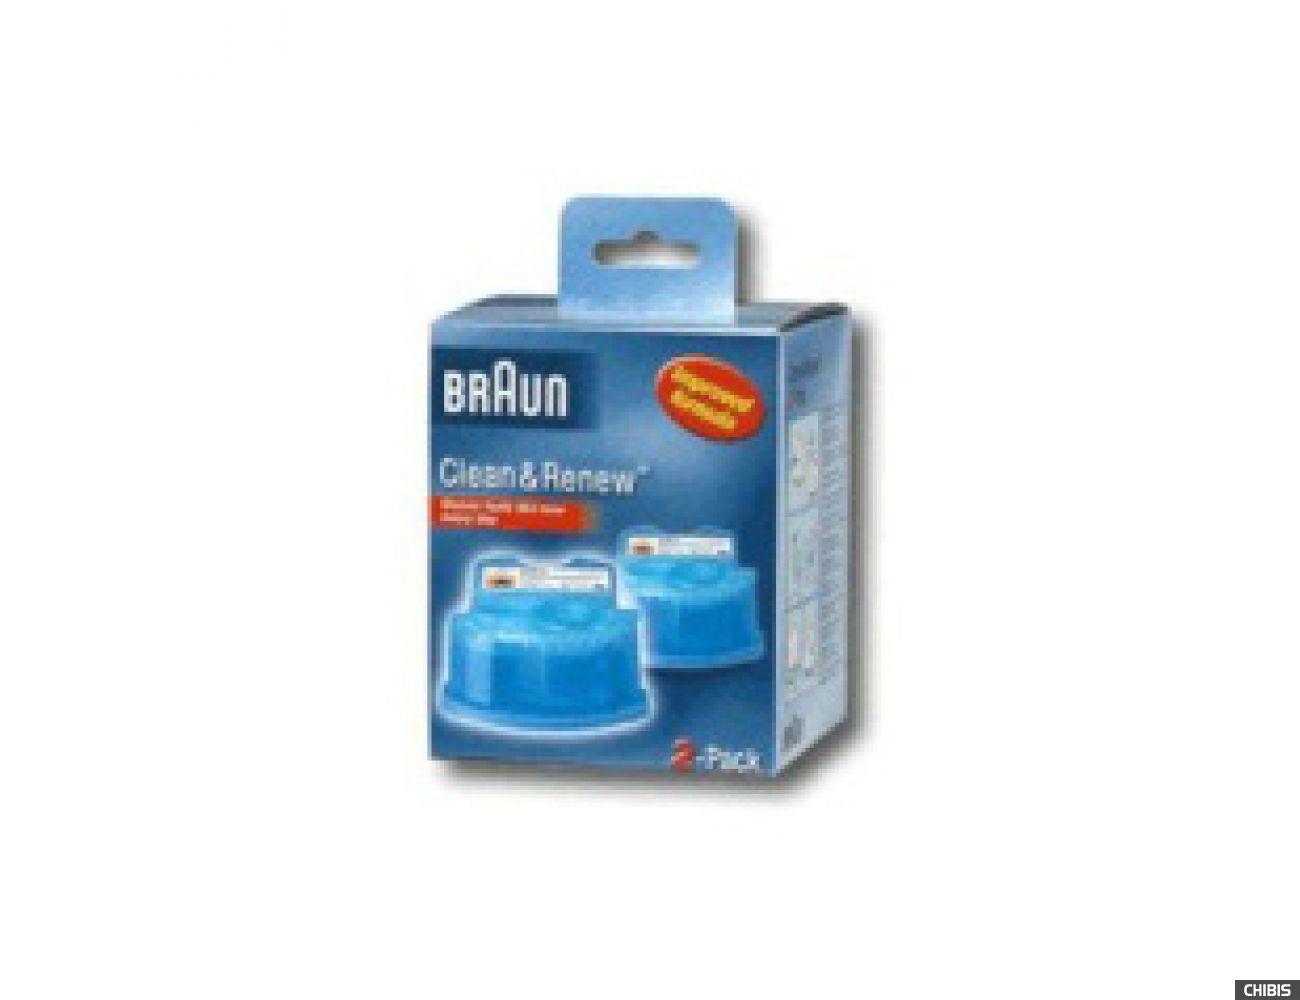 Картридж с чистящей жидкостью Braun CCR2 Clean&Renew (тип 5331) 4210201382669